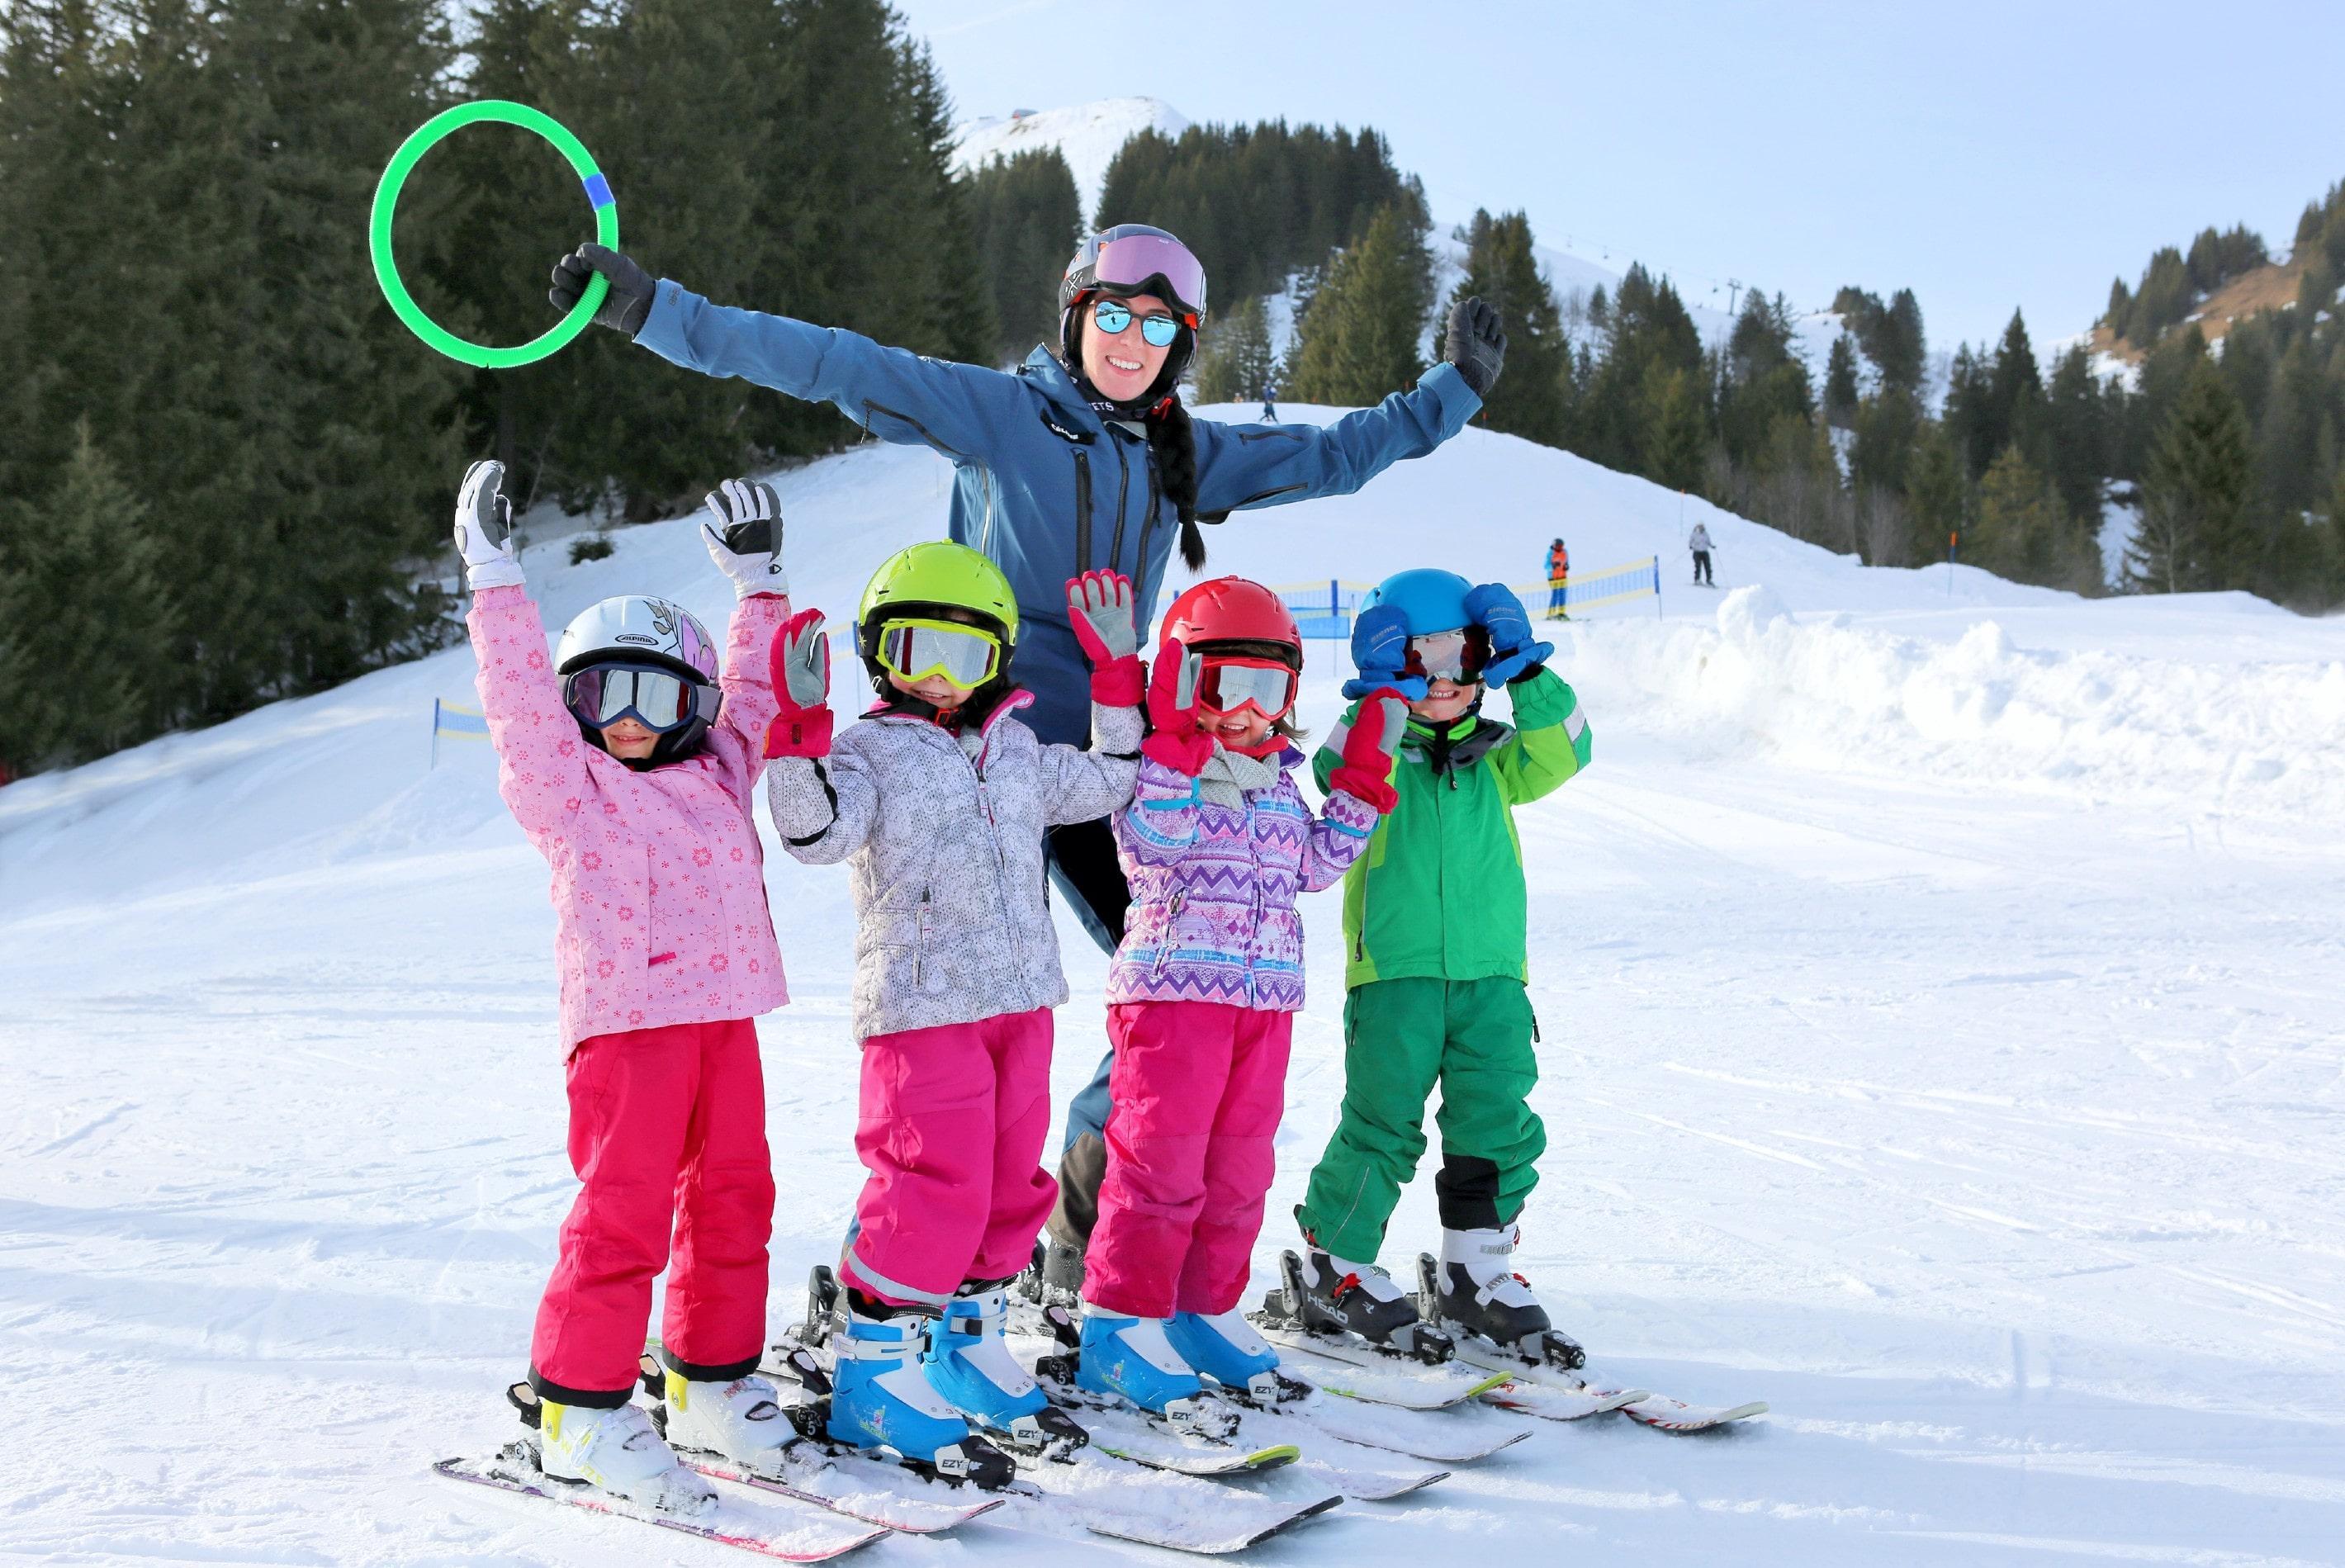 Cours de ski Enfants (5-16 ans) pour Tous niveaux